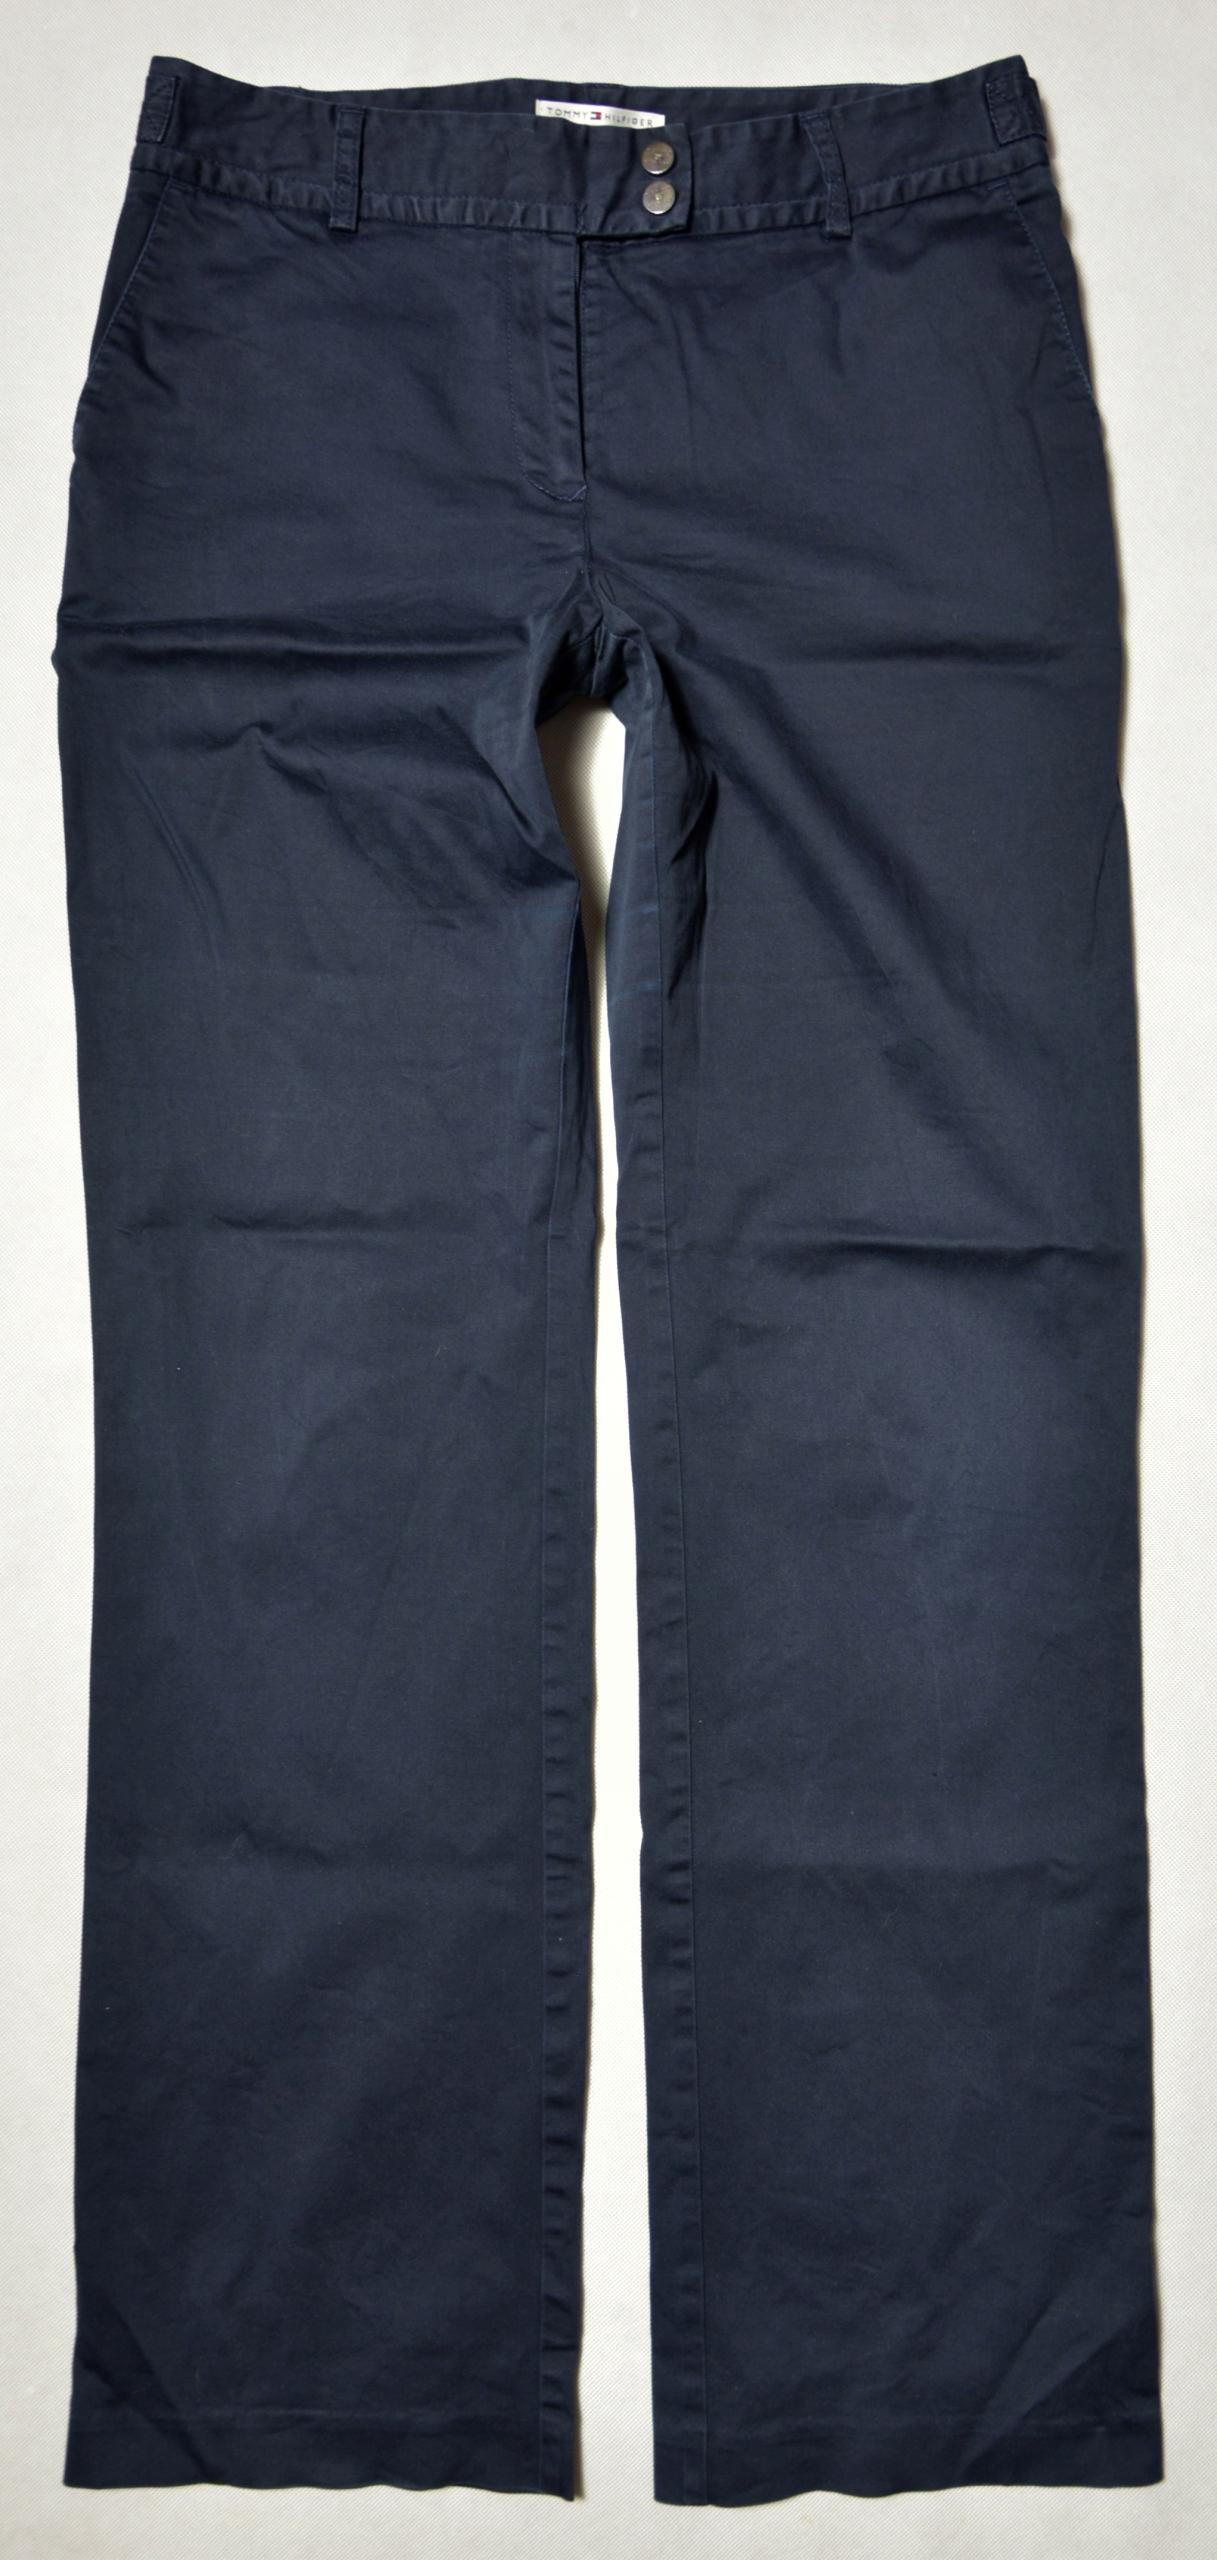 8dde235d4091e Spodnie TOMMY HILFIGER roz. 40 L pas 84 dł.109 - 7776203286 ...